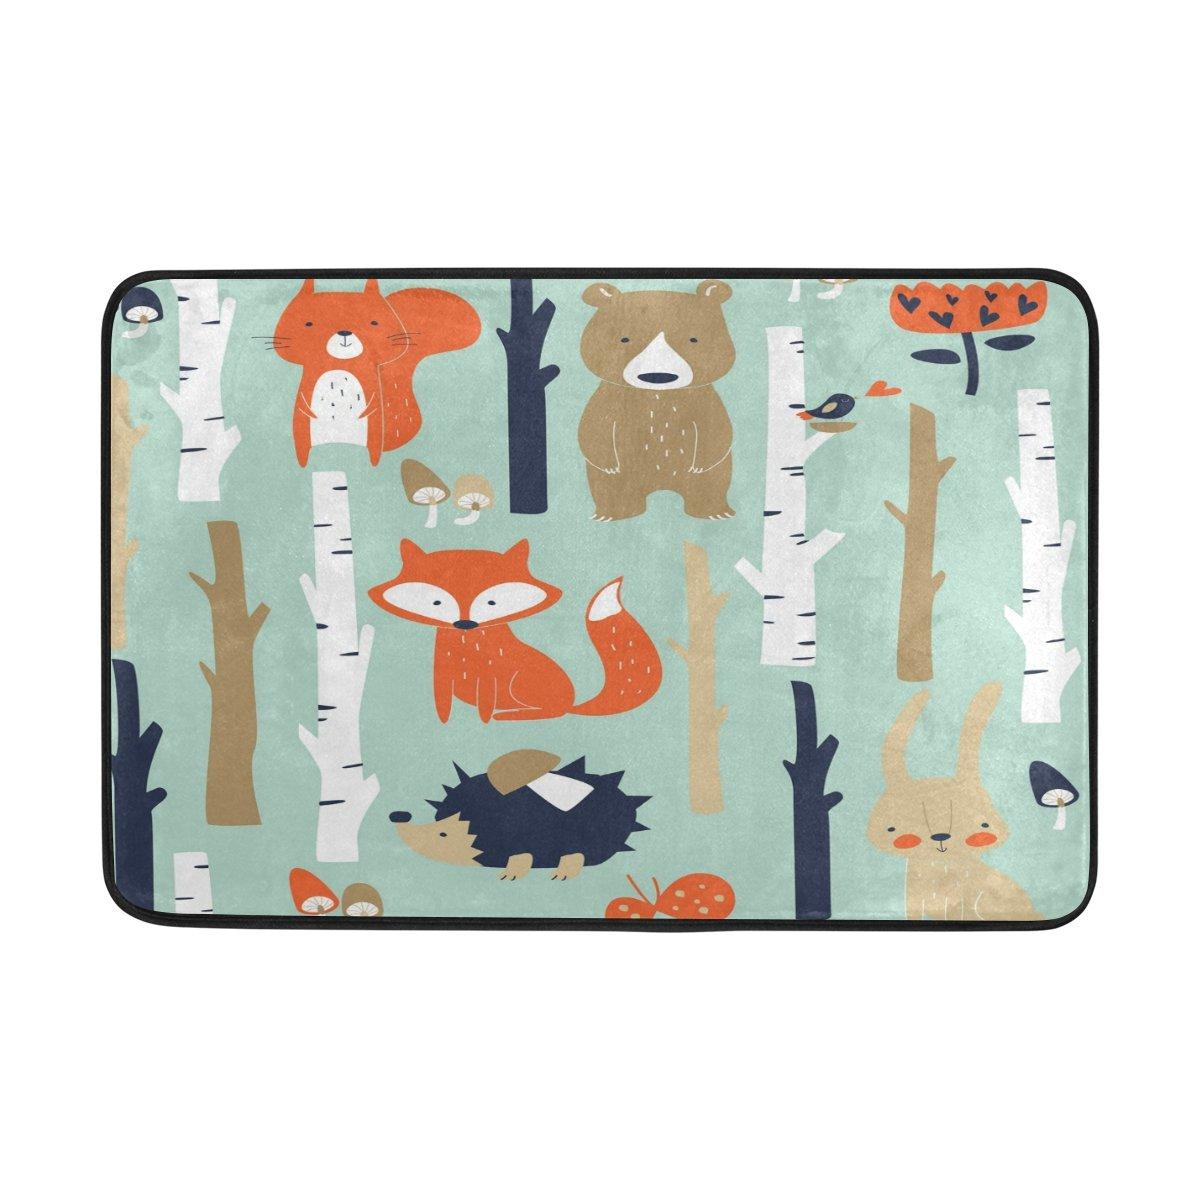 ツリーFox Bear Hedgehog屋内/屋外ドアマットスーパー吸収Mud床マット23.6 X 15.7インチ滑り止めゴムBackingデザインby Mock St   B07871P7VV